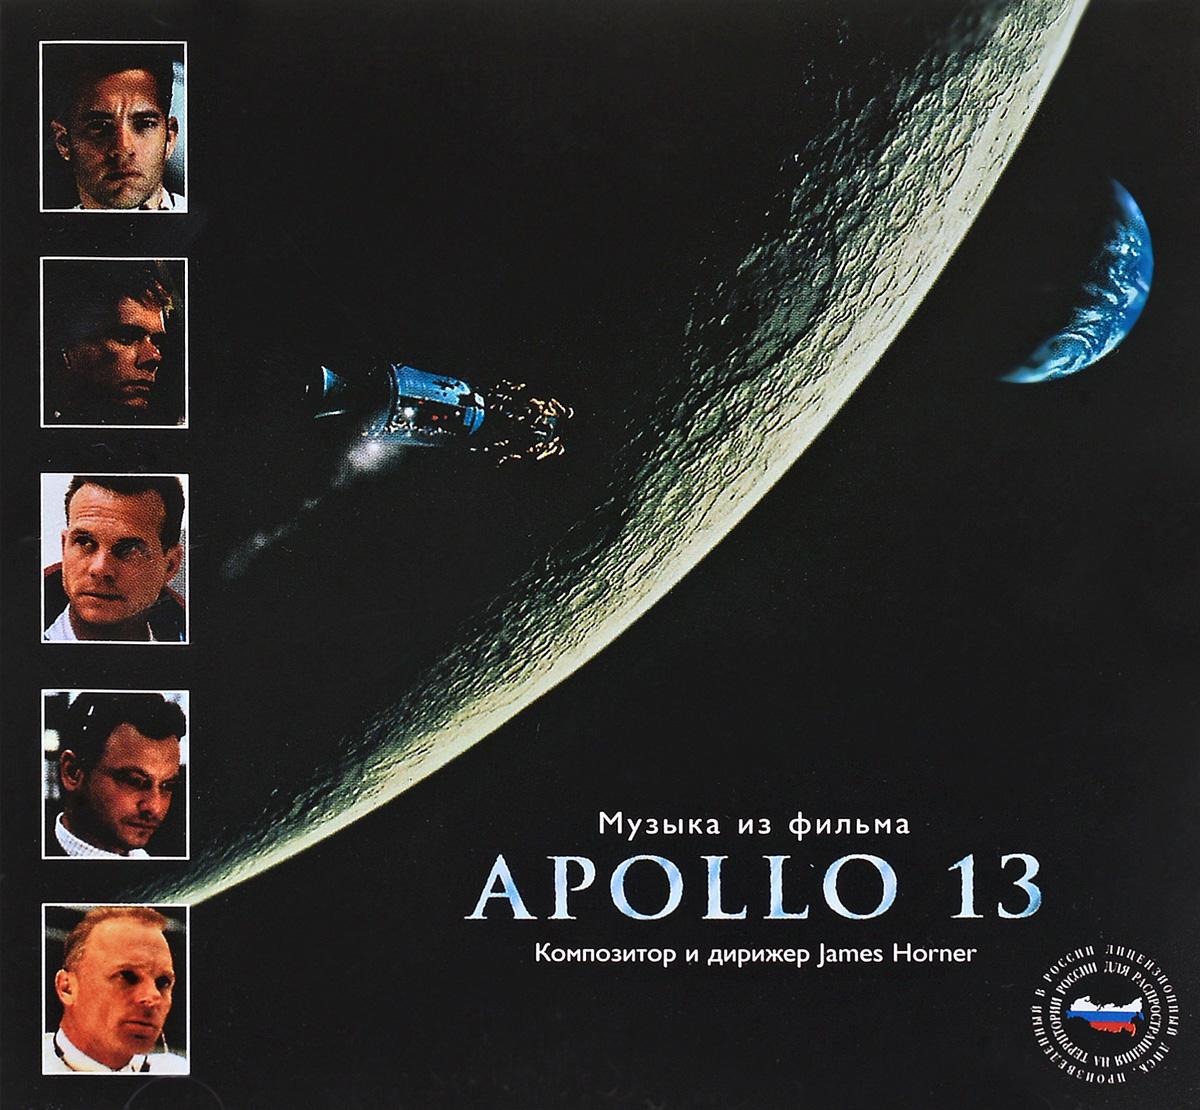 Музыка из фильма APOLLO 13